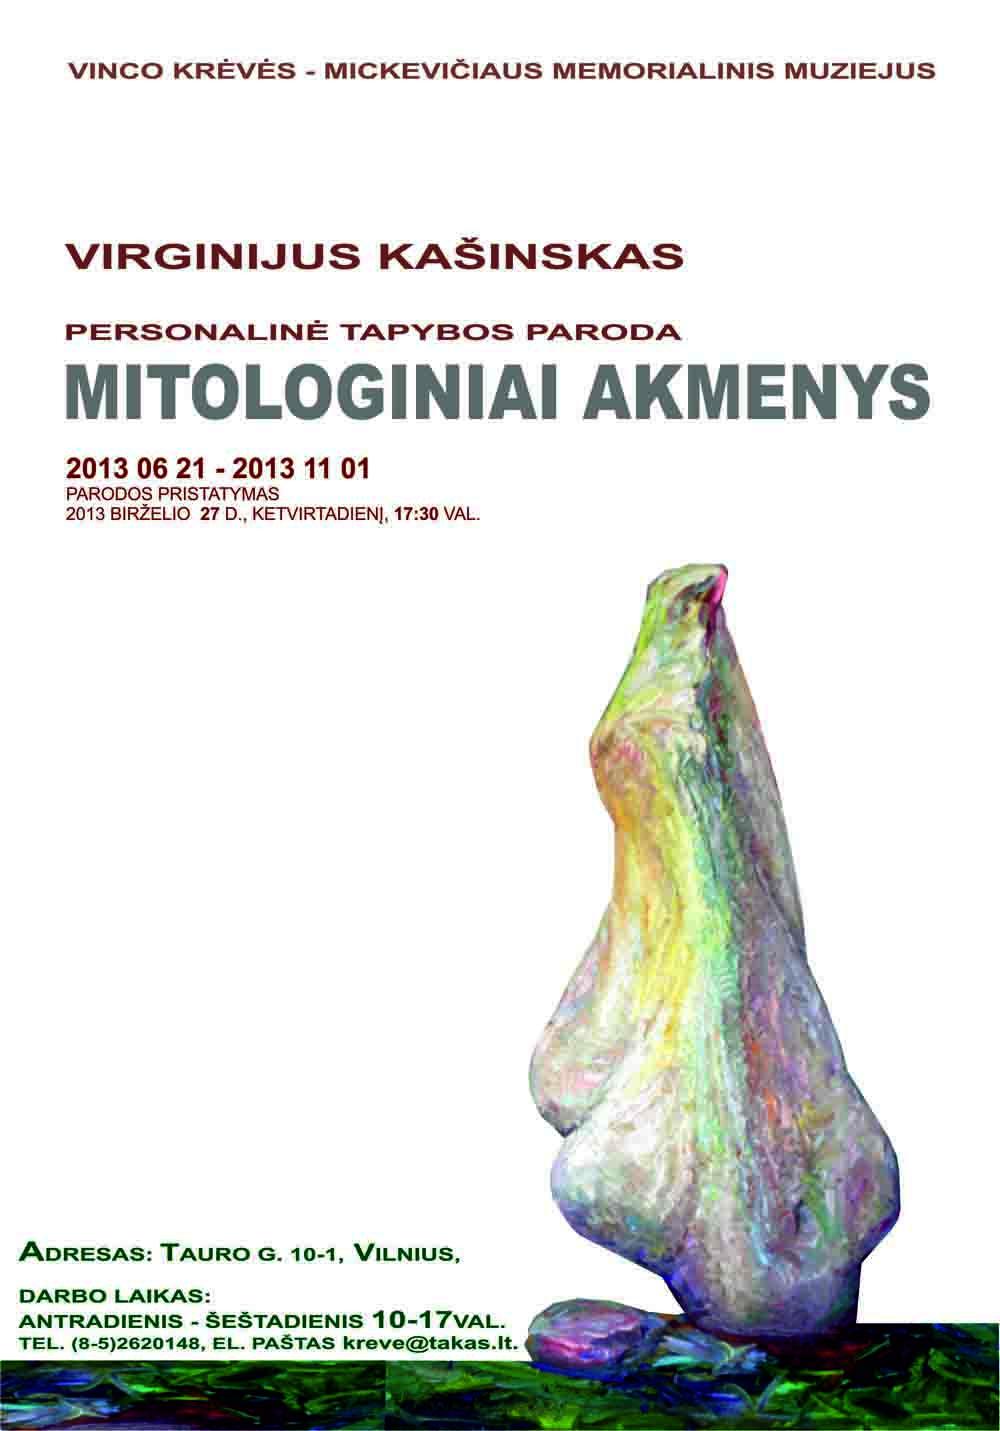 V-Kasinsko-paroda-mitologiniai-akmenys